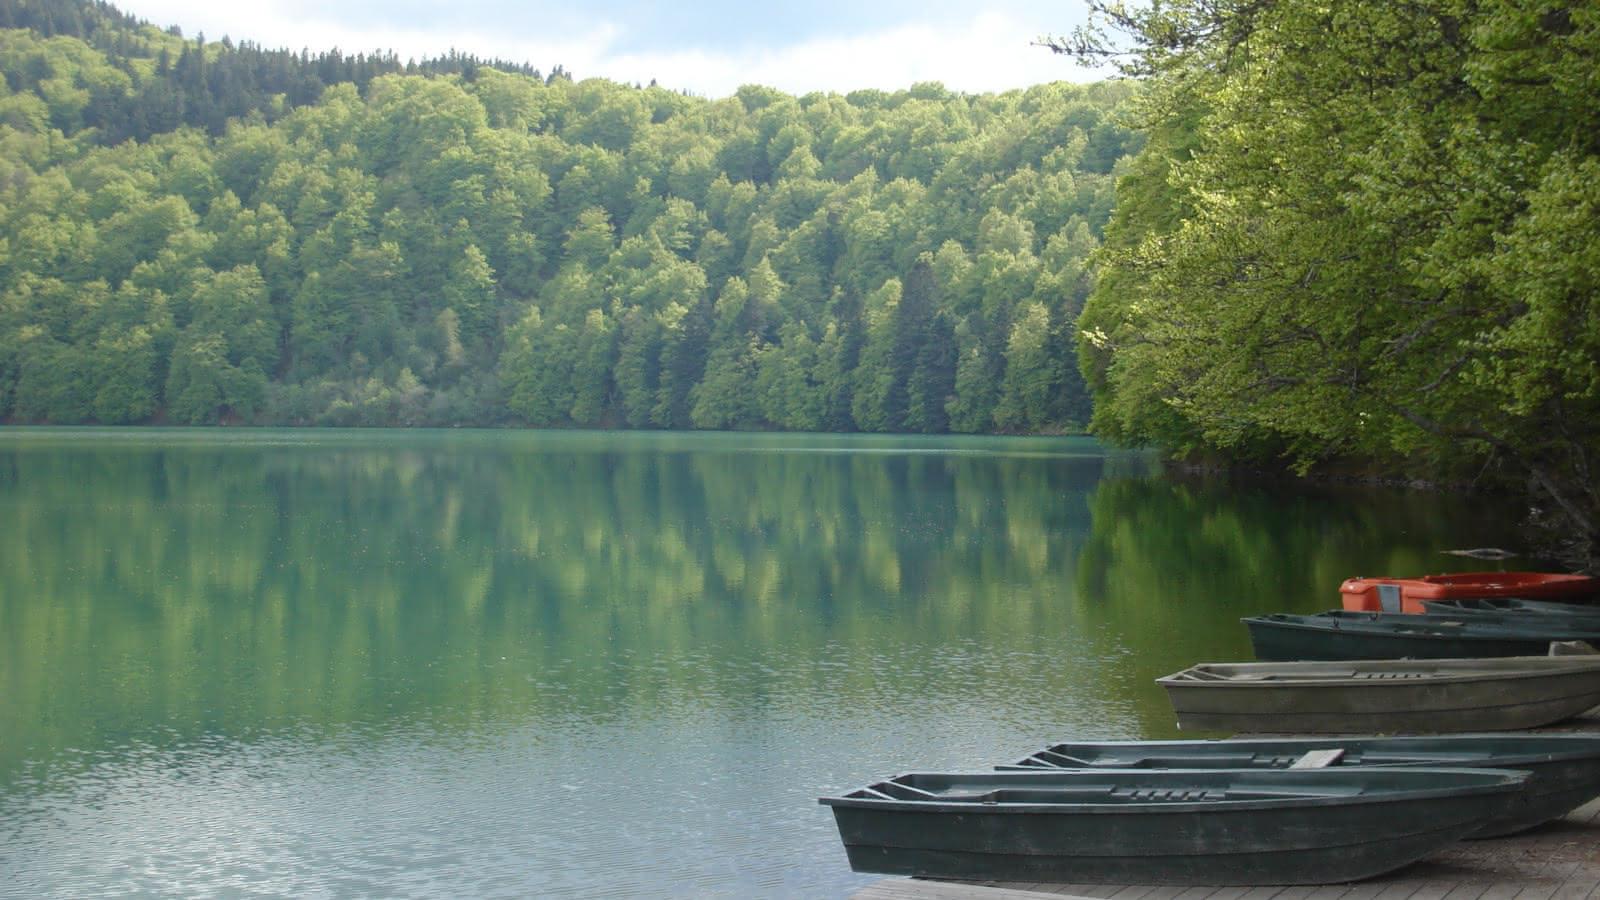 © Les escapades du dimanche : Sur les rives des lacs auvergnats...